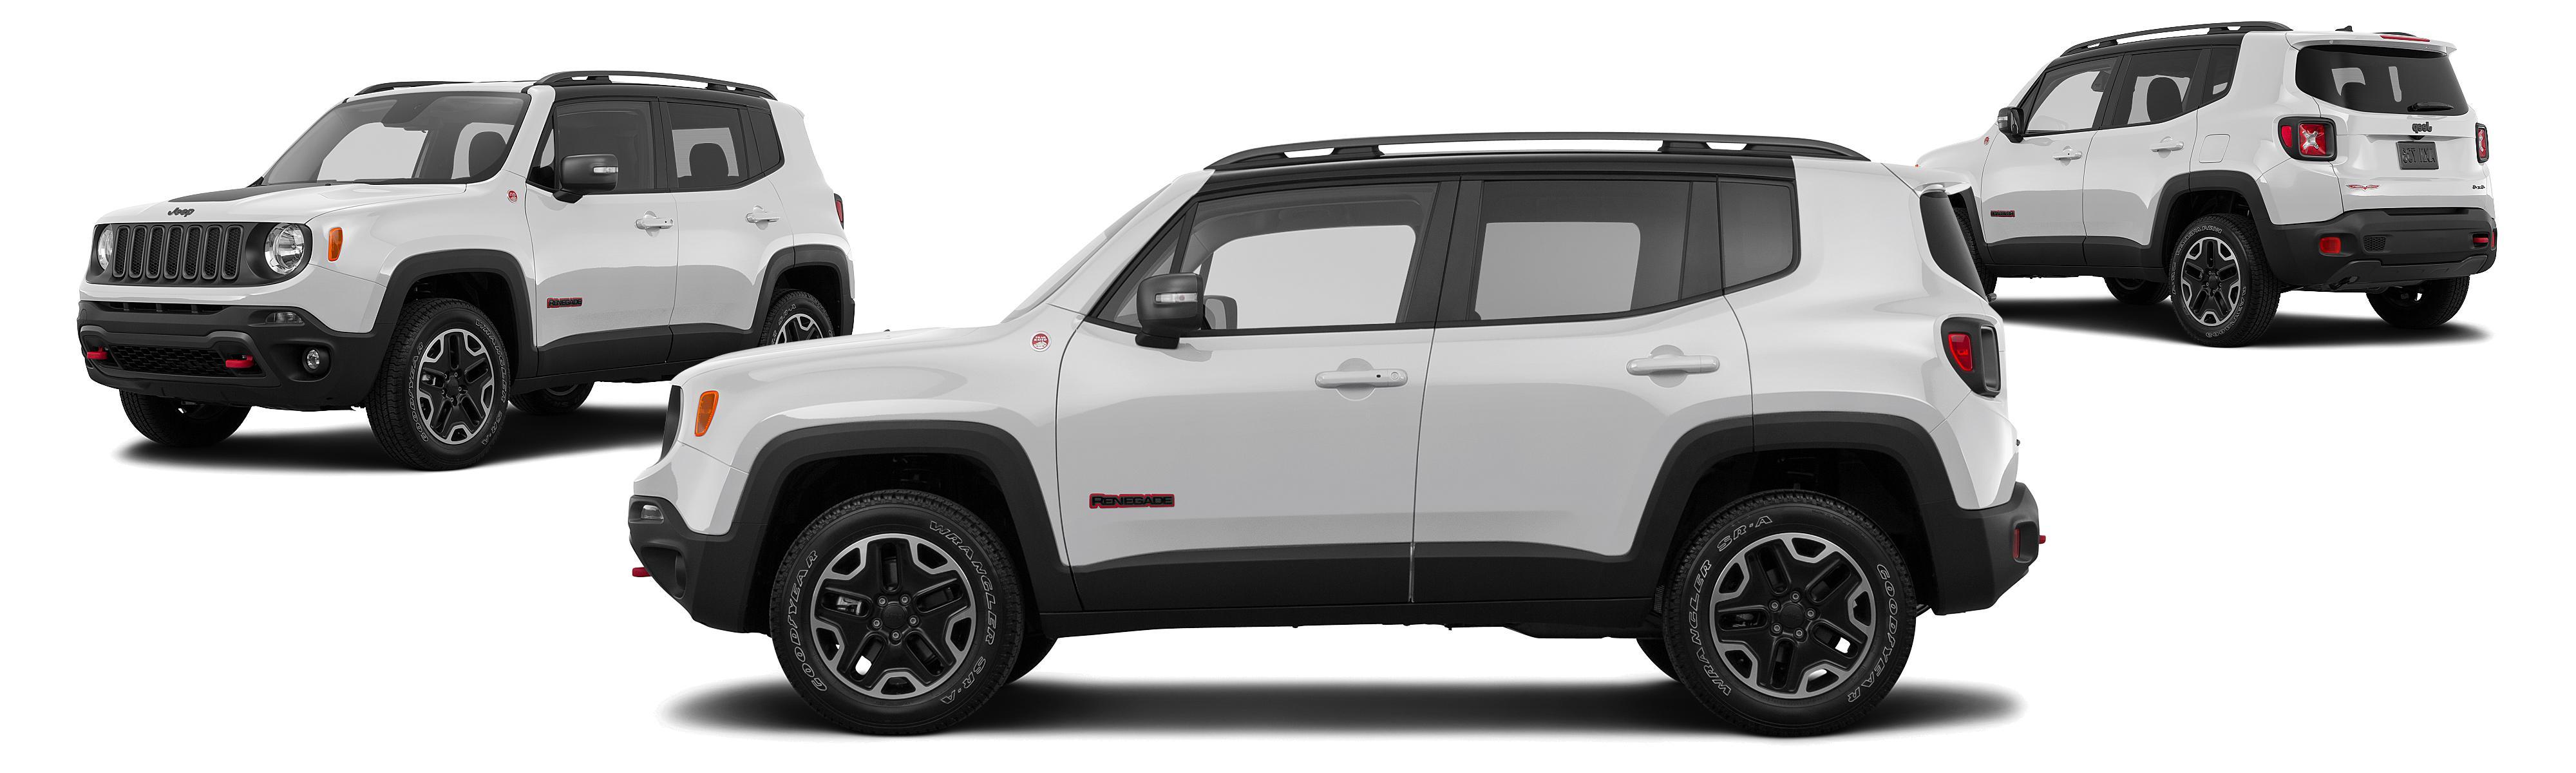 renegade review caradvice jeep photos